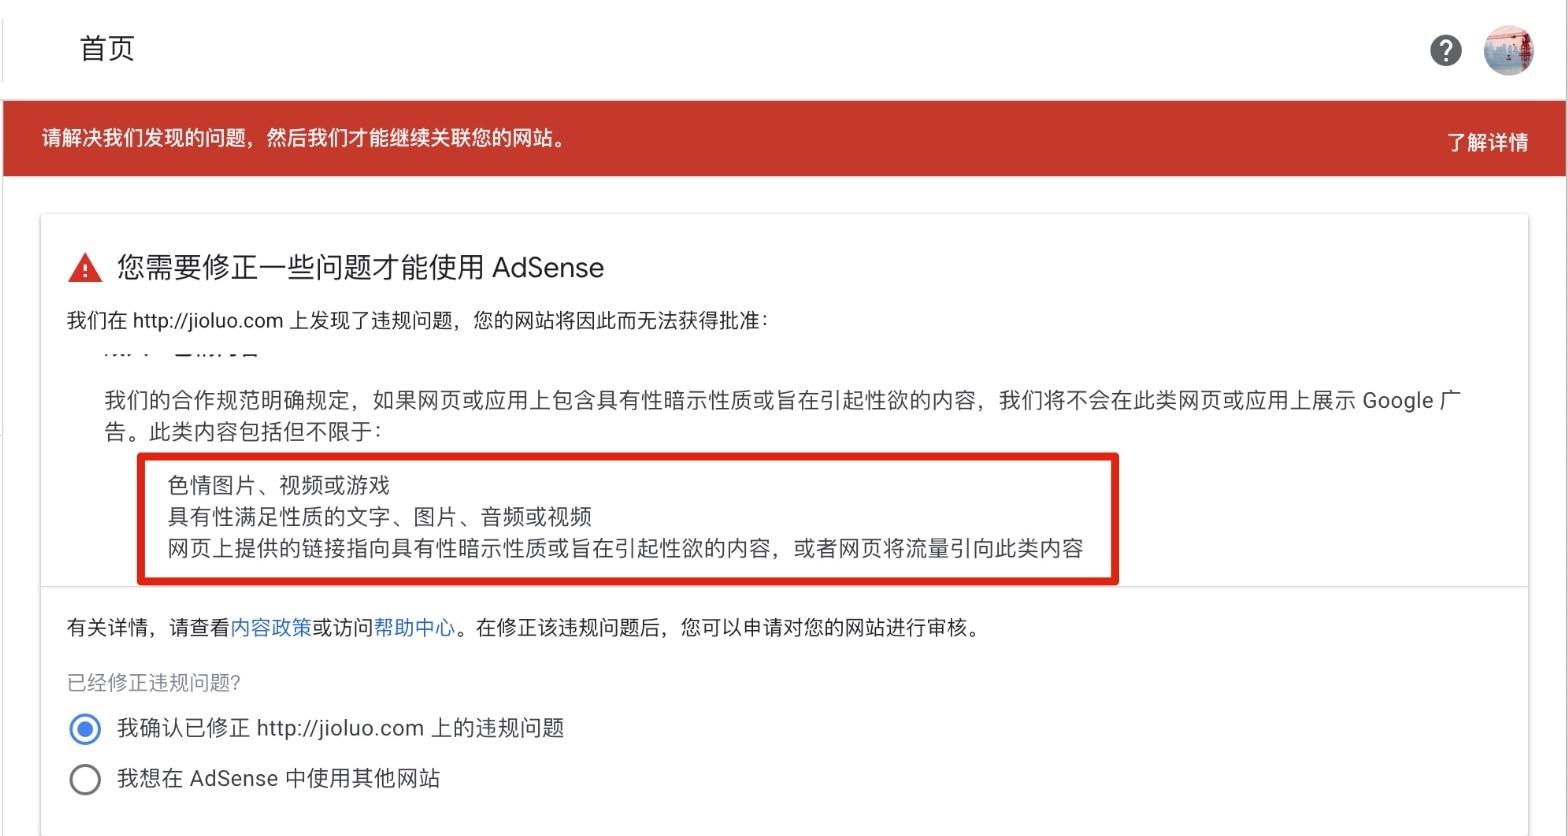 记申请Google AdSense广告审核失败经历及解决方案插图1